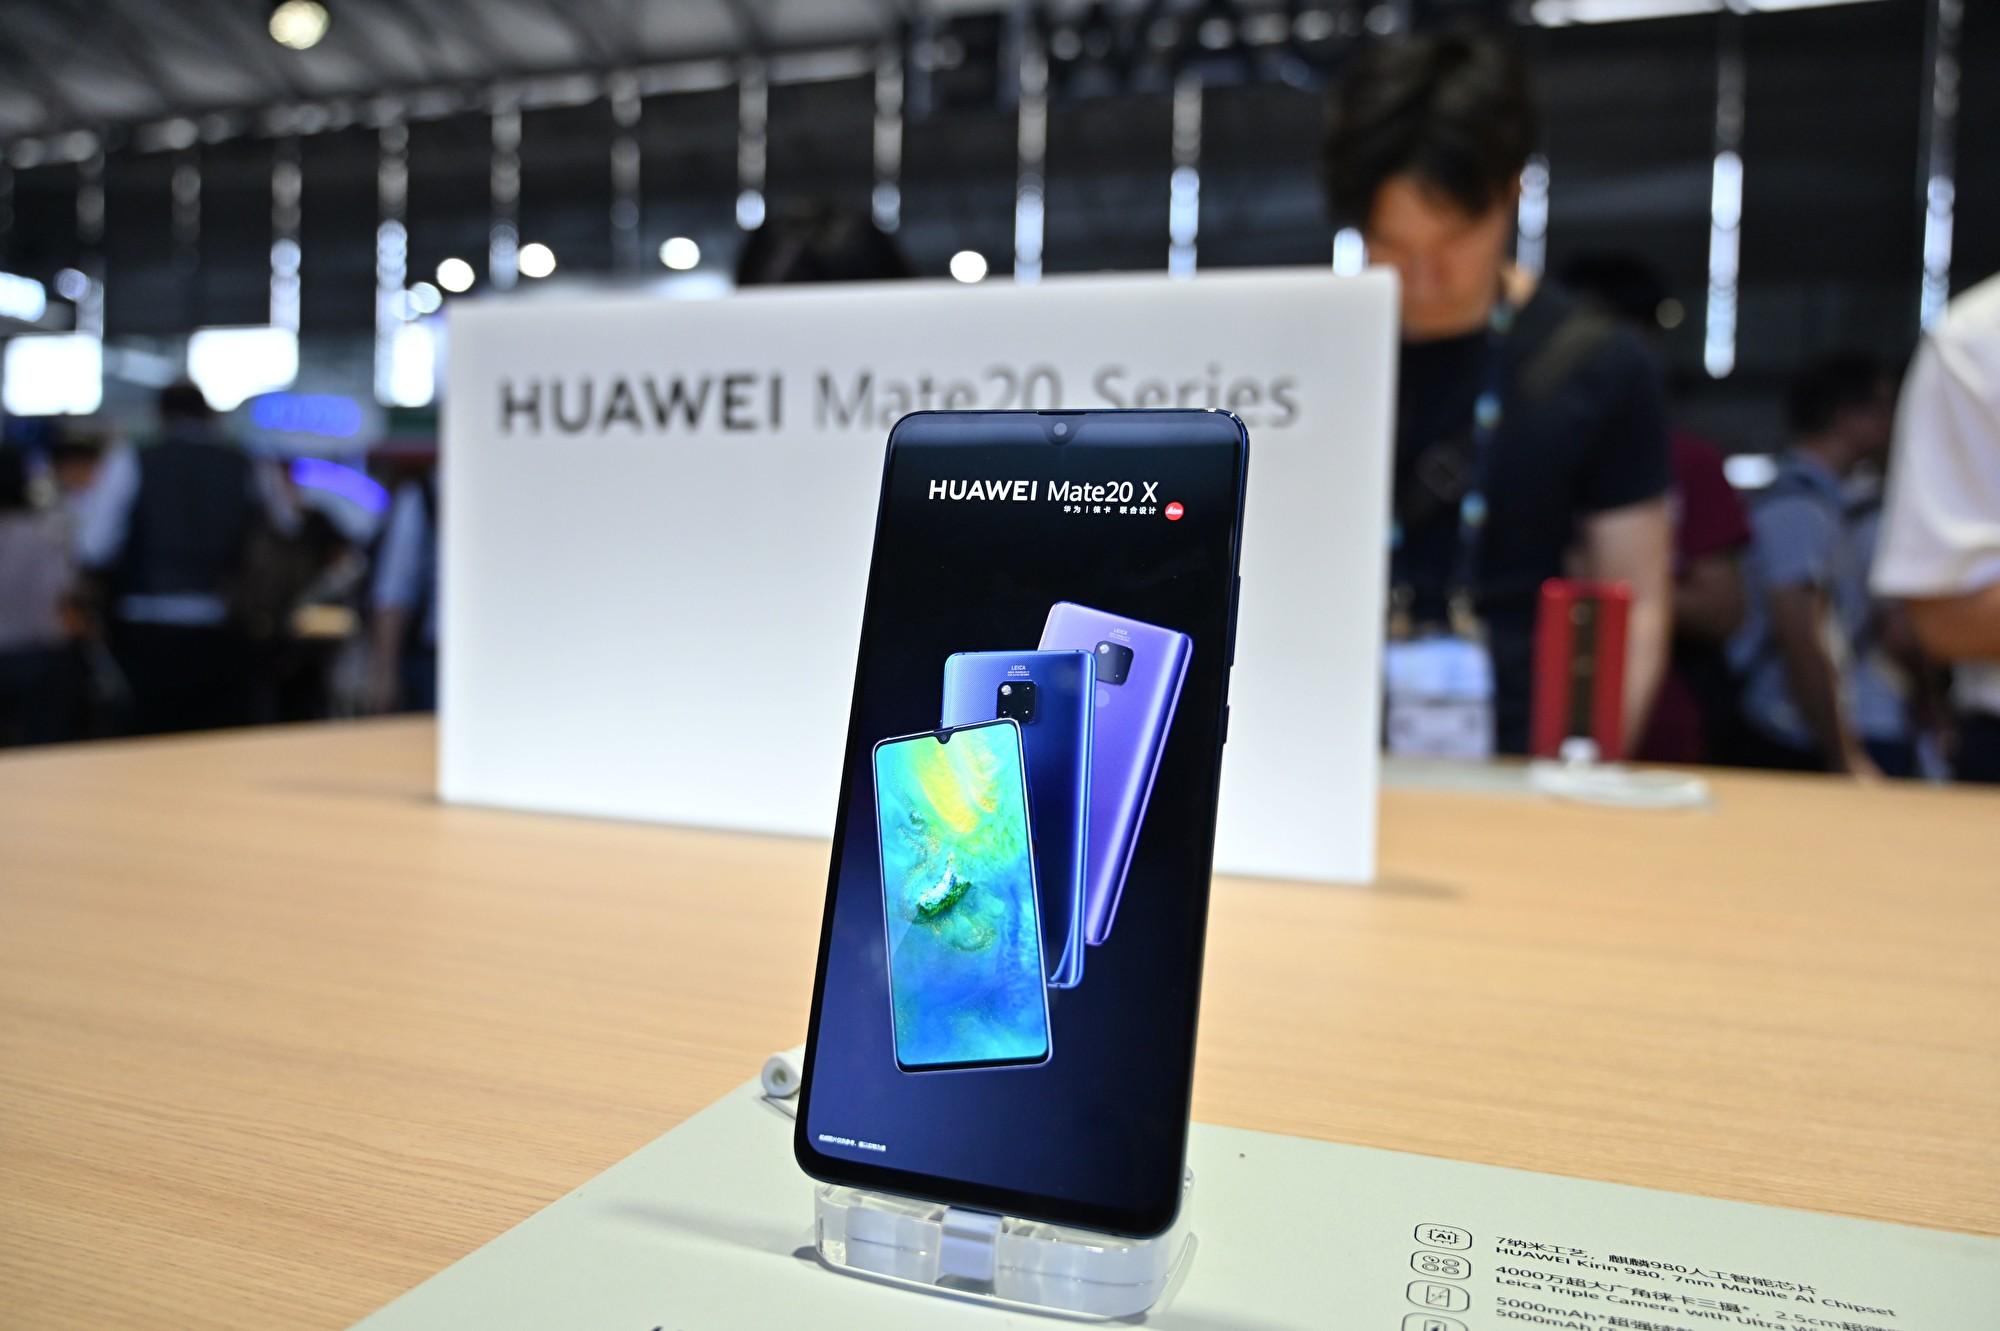 加拿大卑詩省最高法院公佈的文件顯示,美國當局指控華為公司使用代號通過秘密的子公司與伊朗、敘利亞和蘇丹等國家進行交易。圖為2019年6月11日,華為在上海一場消費電子產品展中陳列的手機。(HECTOR RETAMAL/AFP/Getty Images)